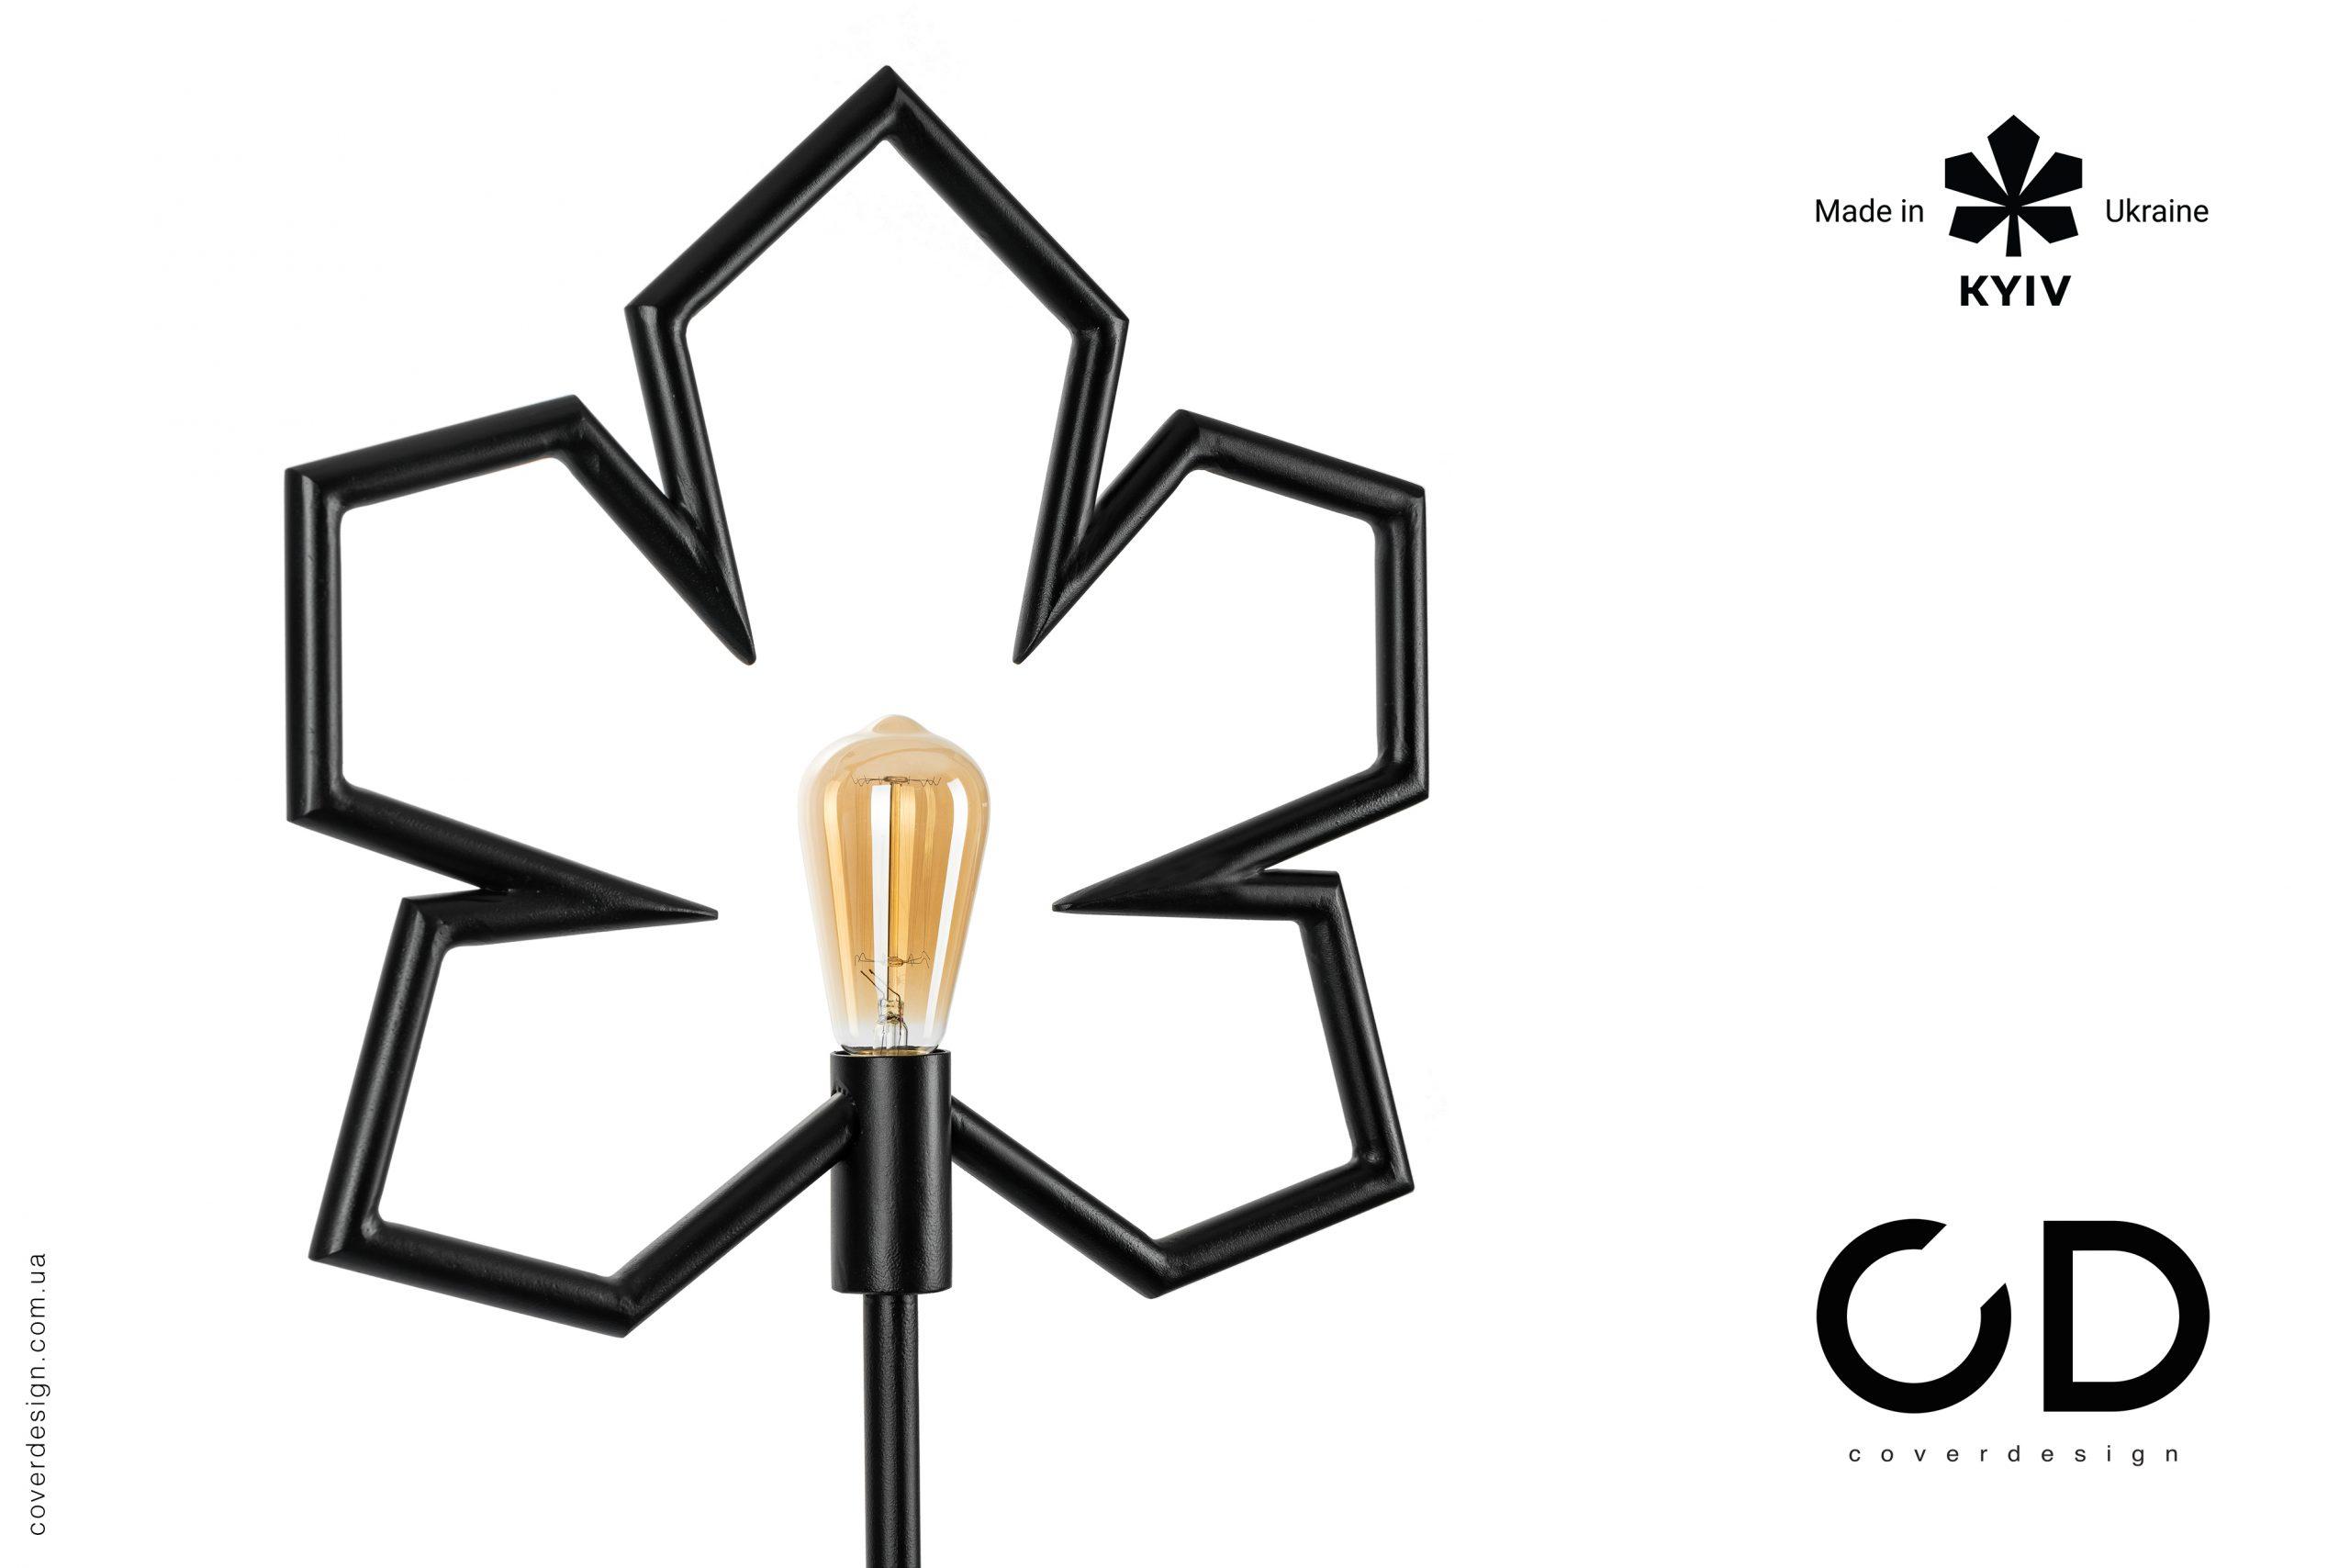 Coverdesign, виробник меблів і предметів інтер'єру, Київ